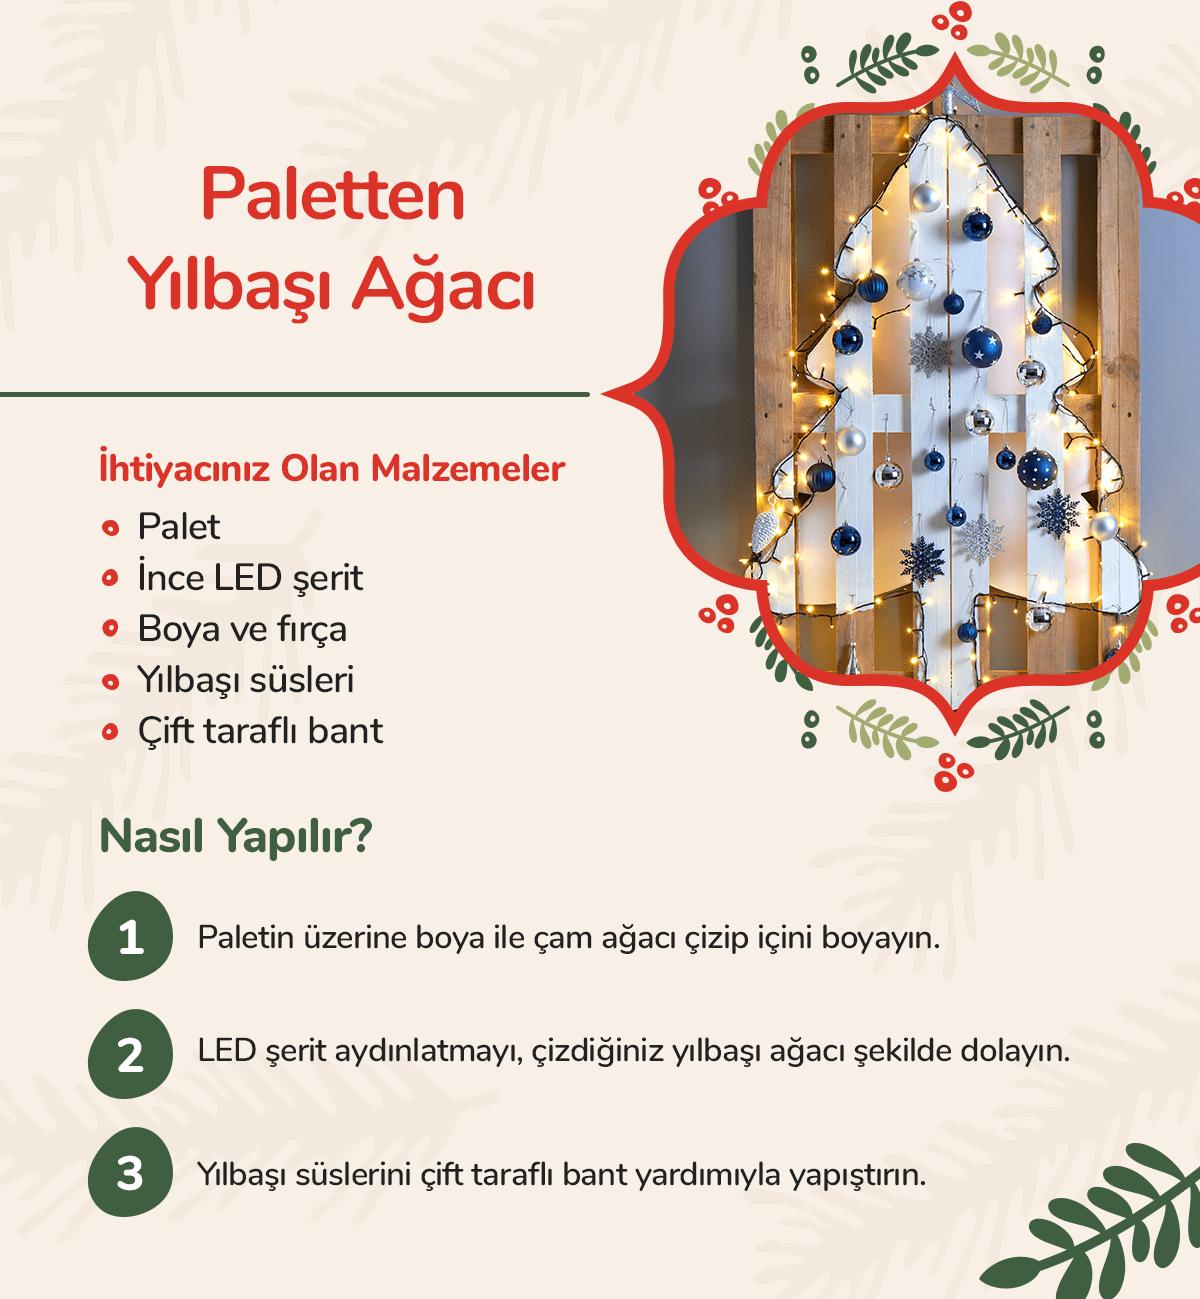 Paletten yılbaşı ağacı nasıl yapılır?